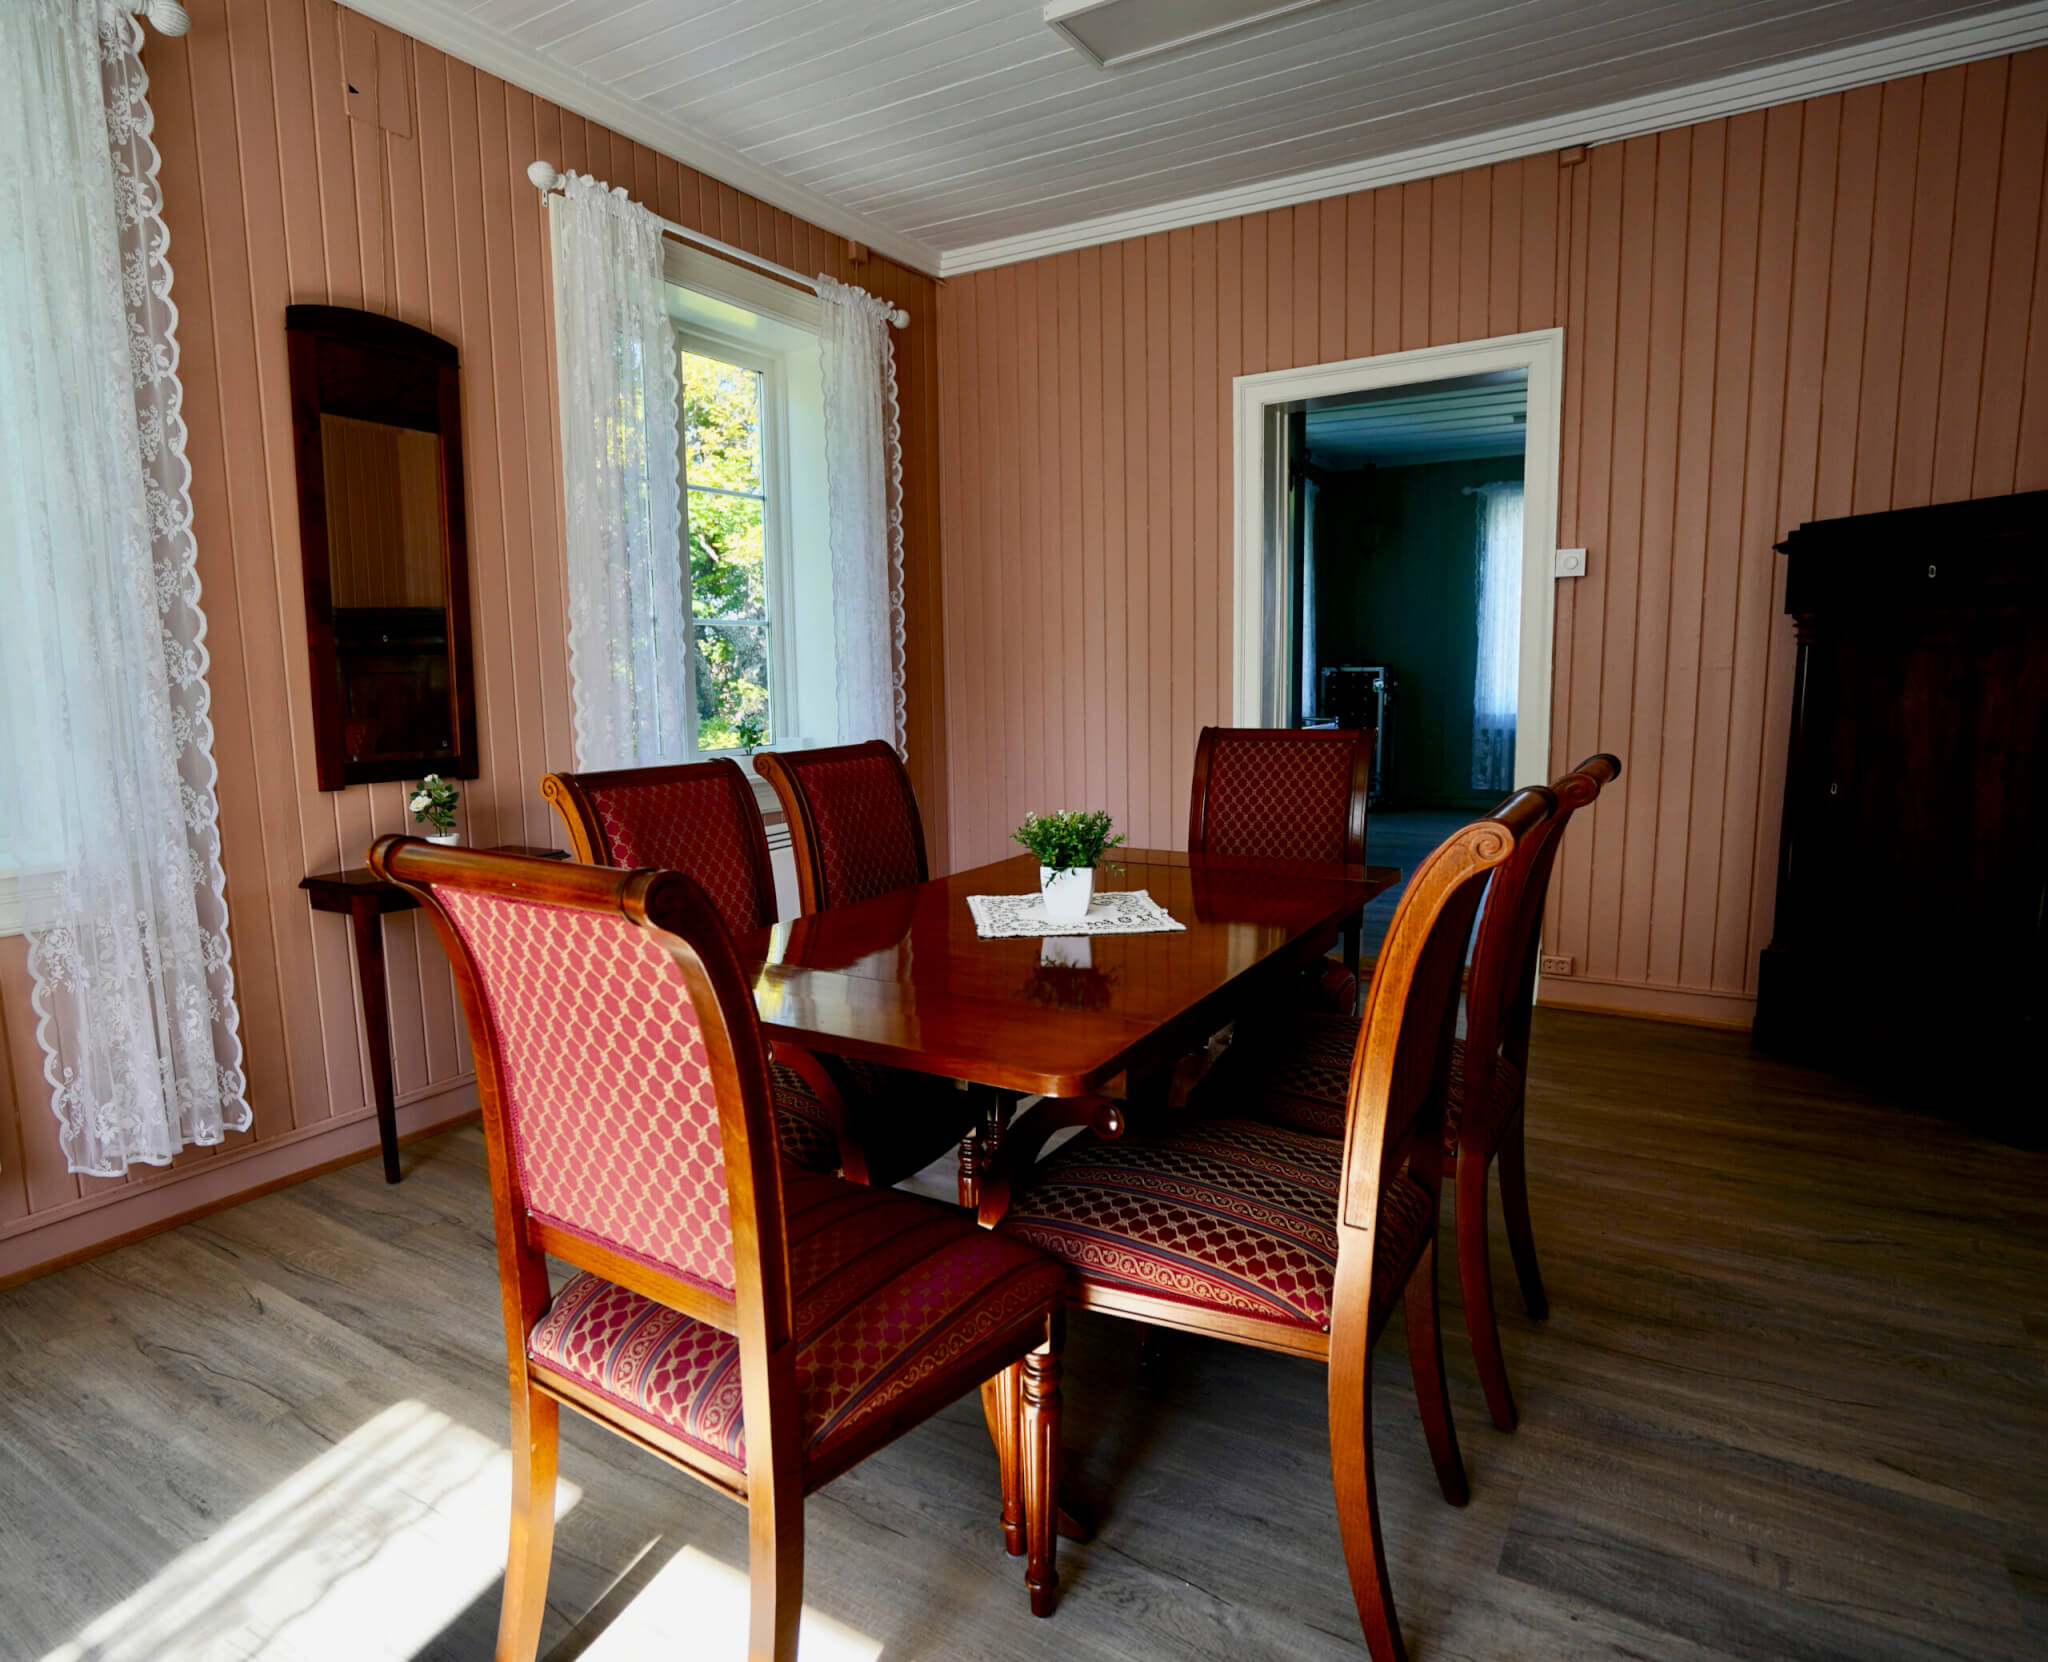 Kammerset er et eksklusivt lokal form kan benyttes i tillegg til Bjørnholtet eller bakkerud eller for seg selv